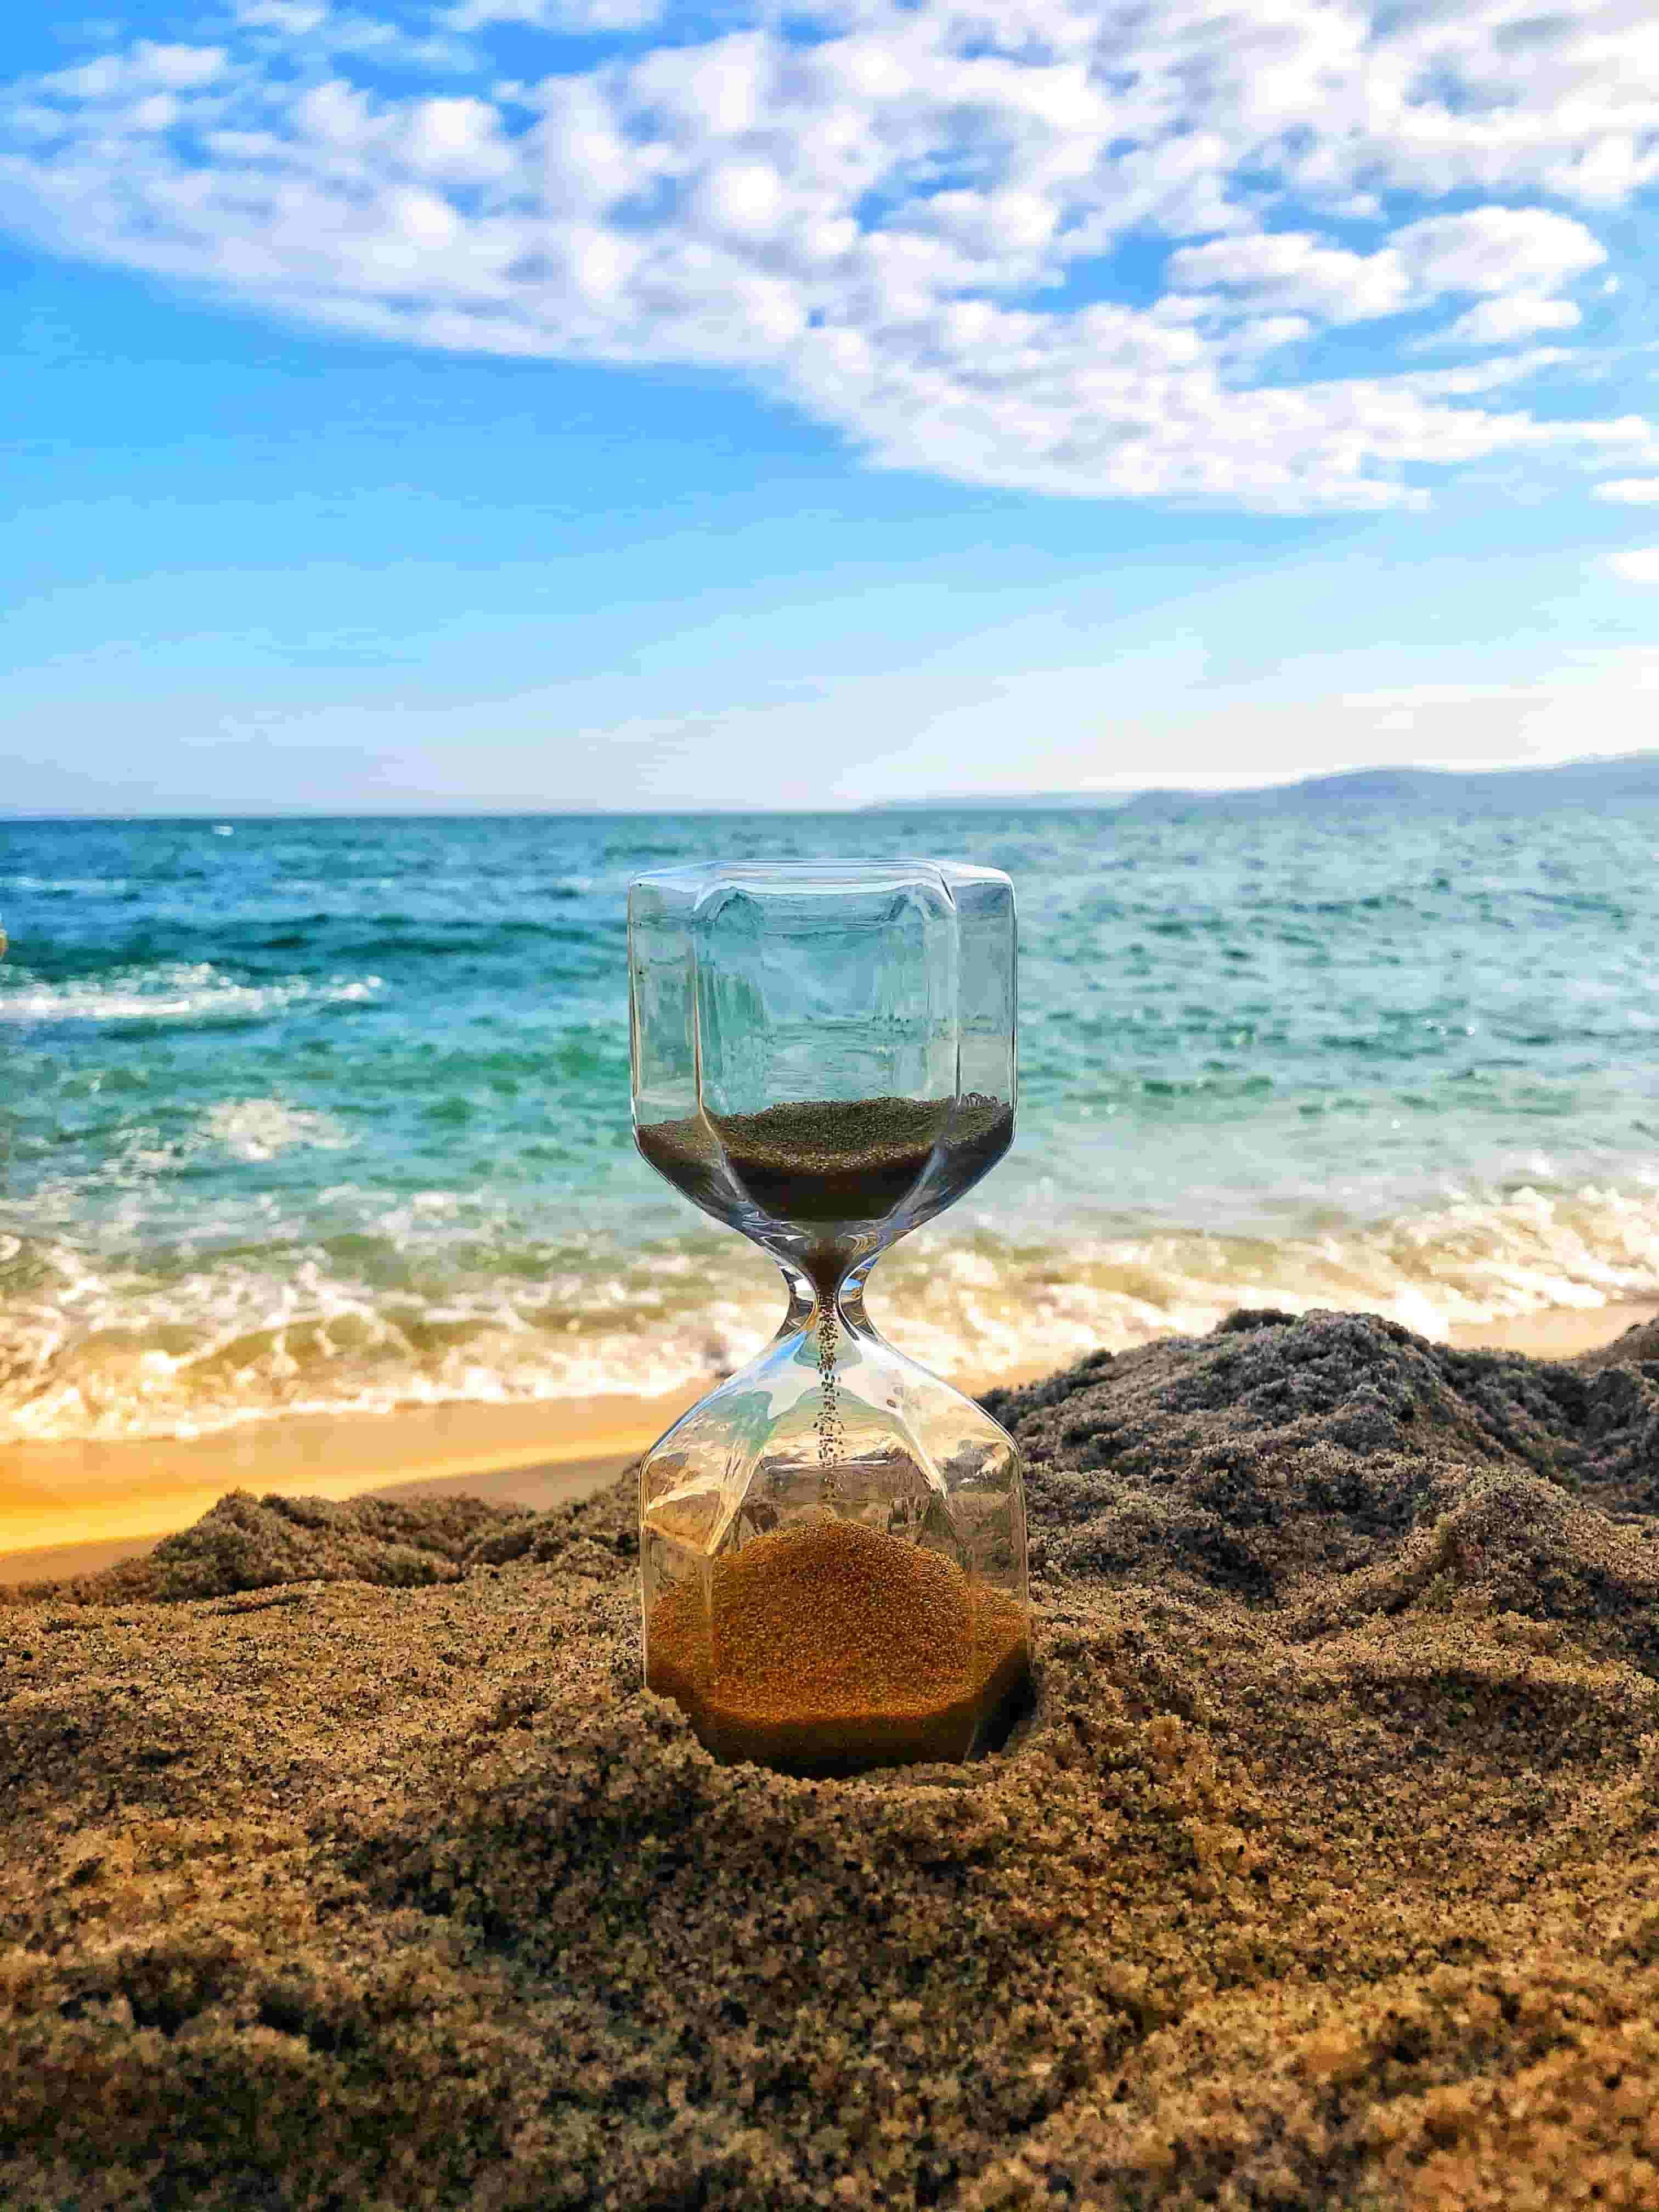 Sand Timer on the beach